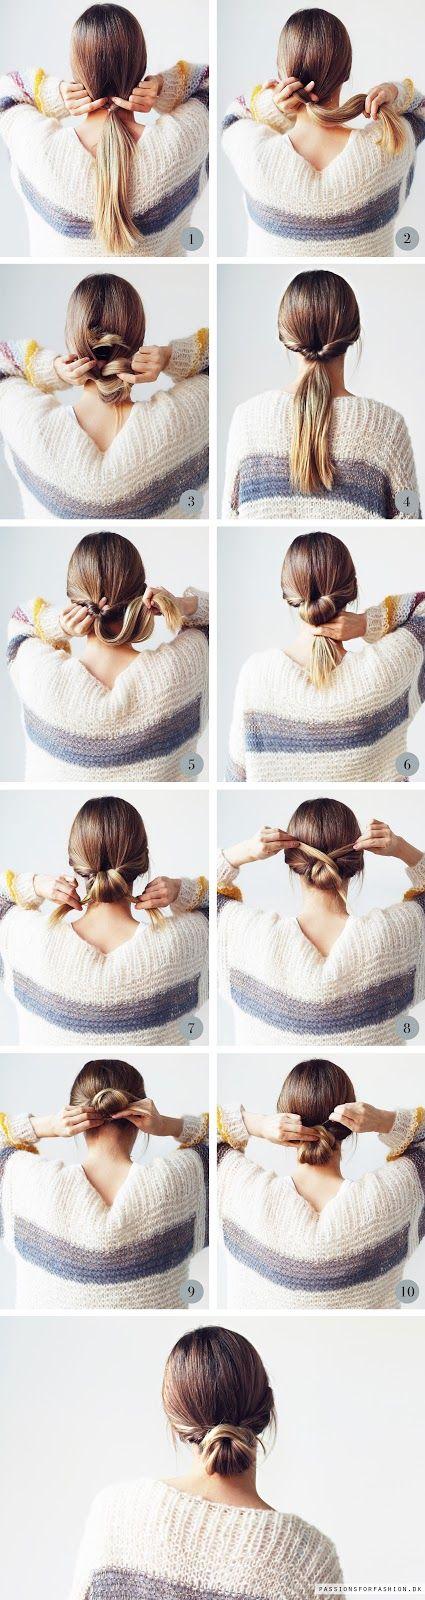 Step-by-step messy bun